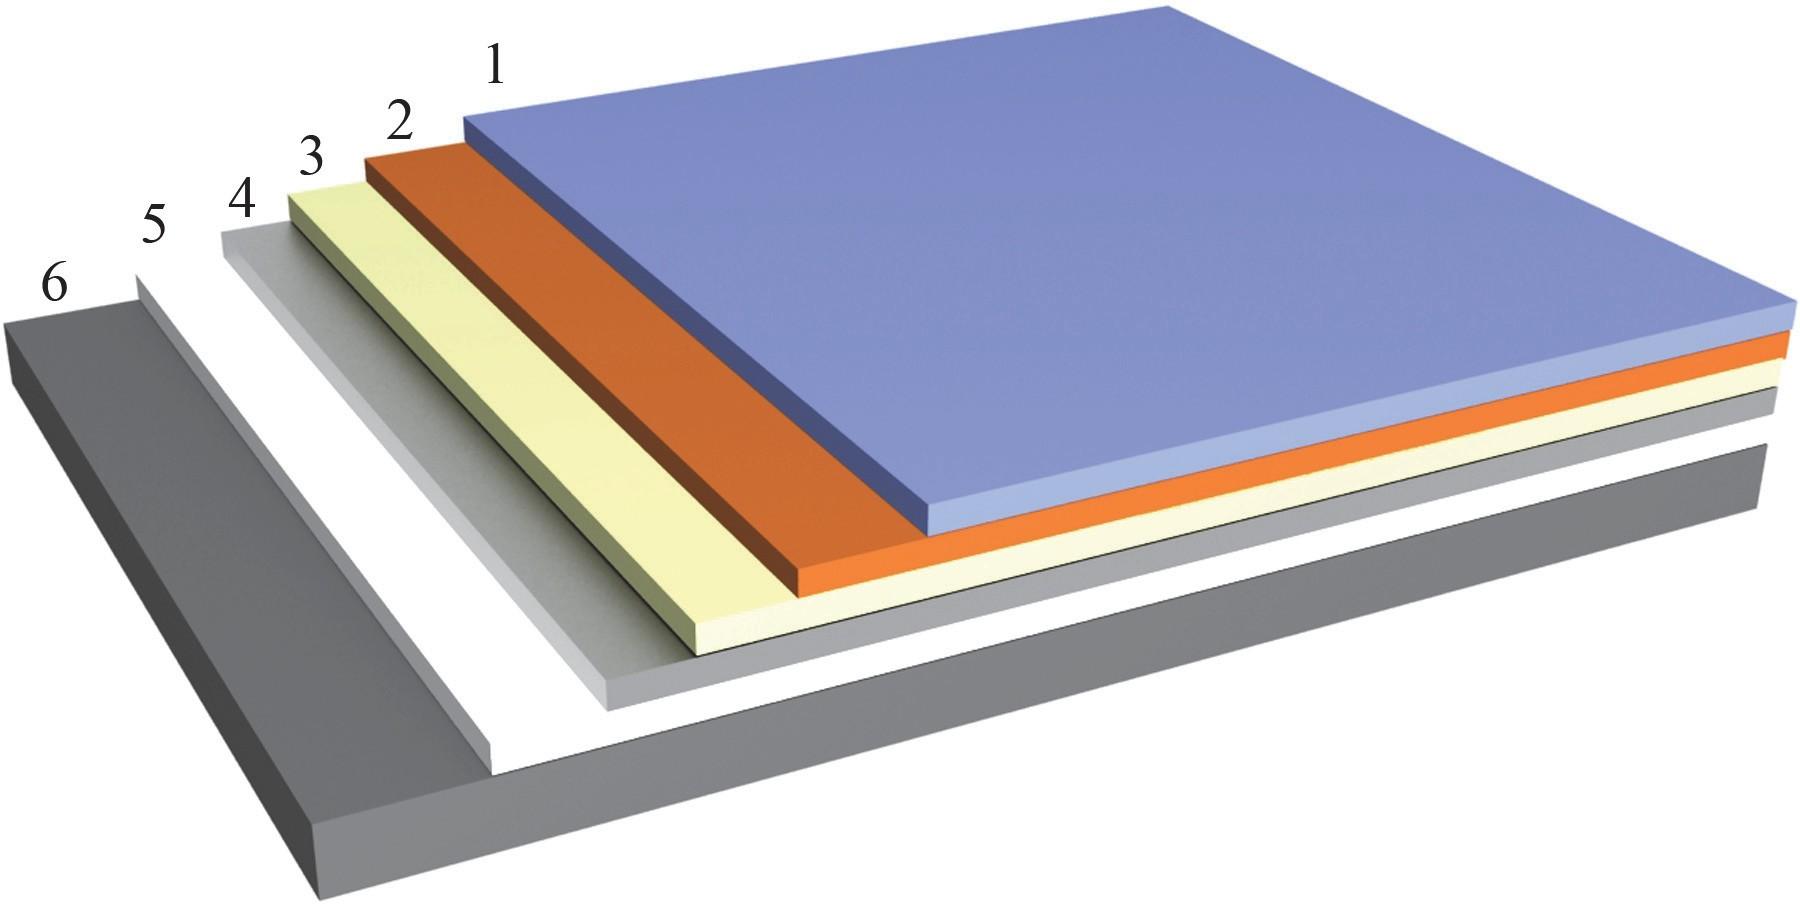 Строение алюминиевой композитной плиты